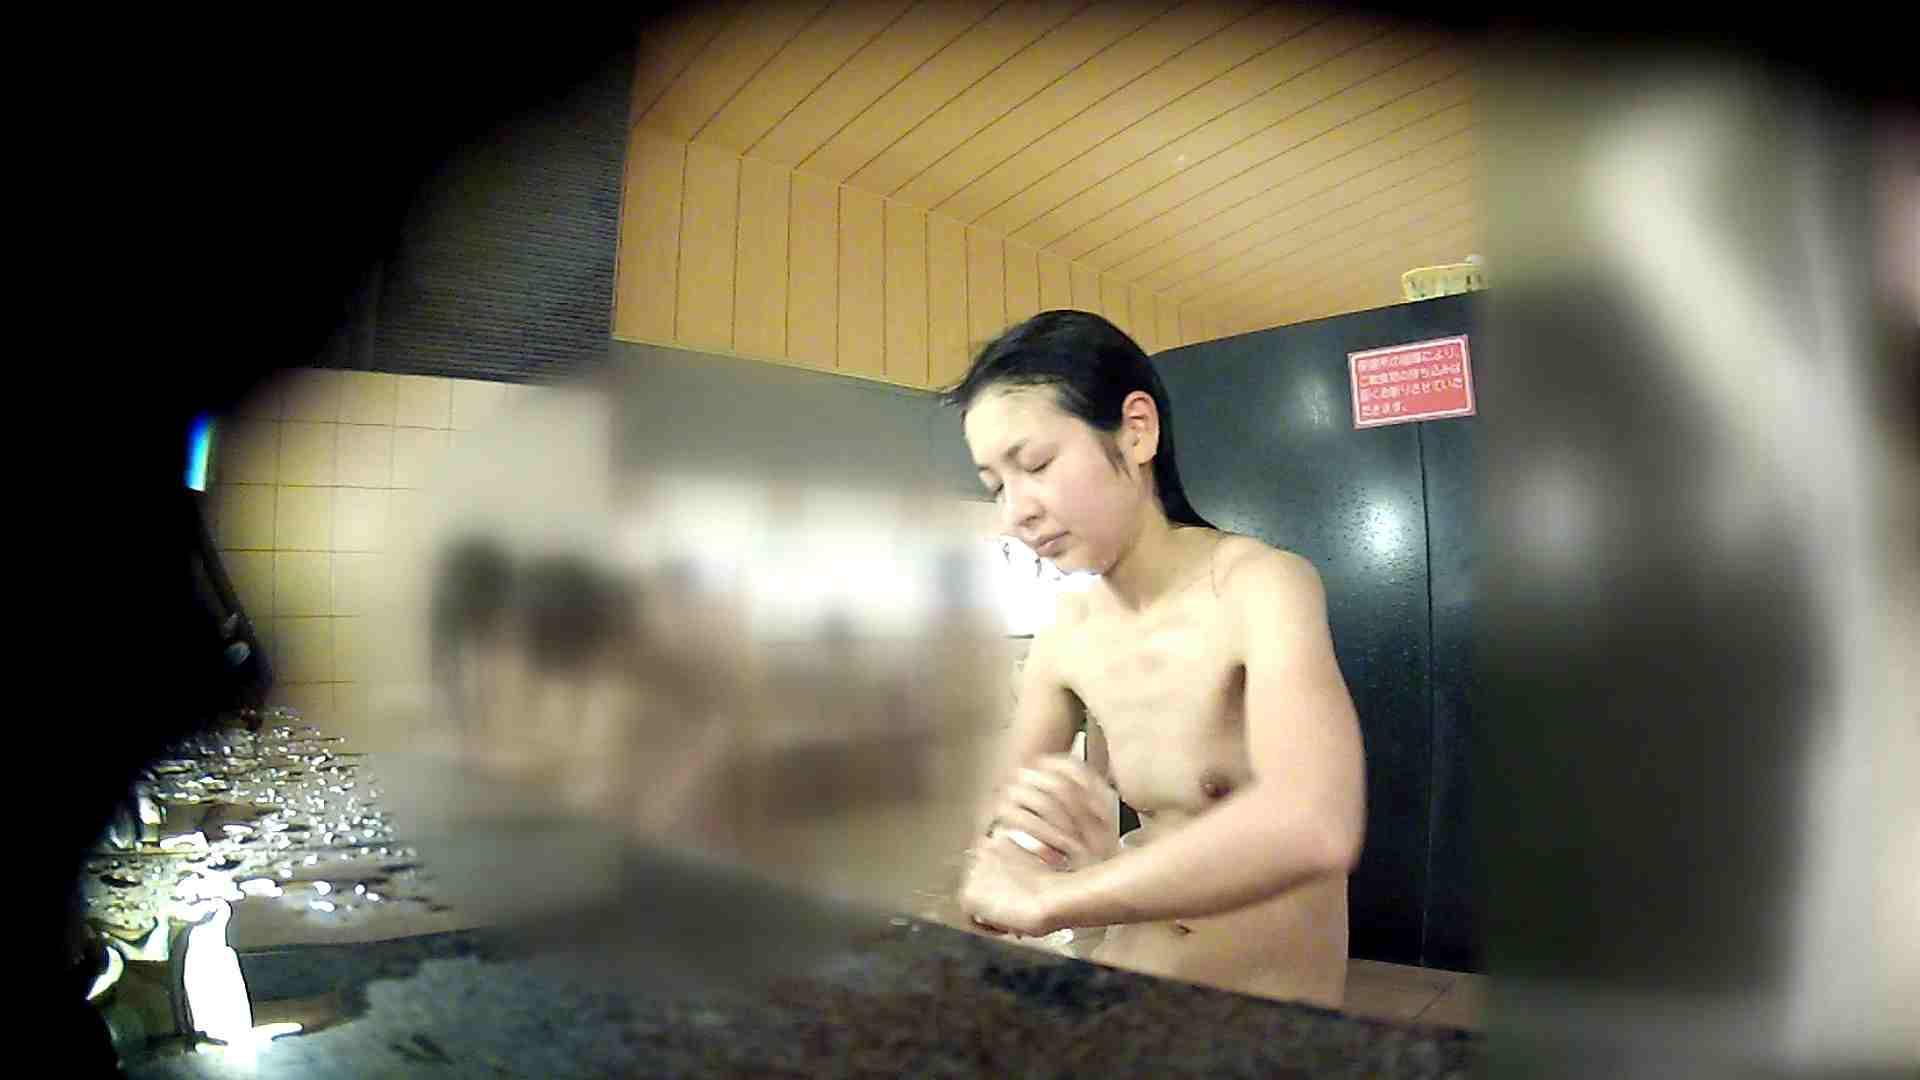 潜入女盗撮師のスーパー銭湯 Vol.01 銭湯 のぞき動画画像 105PIX 59